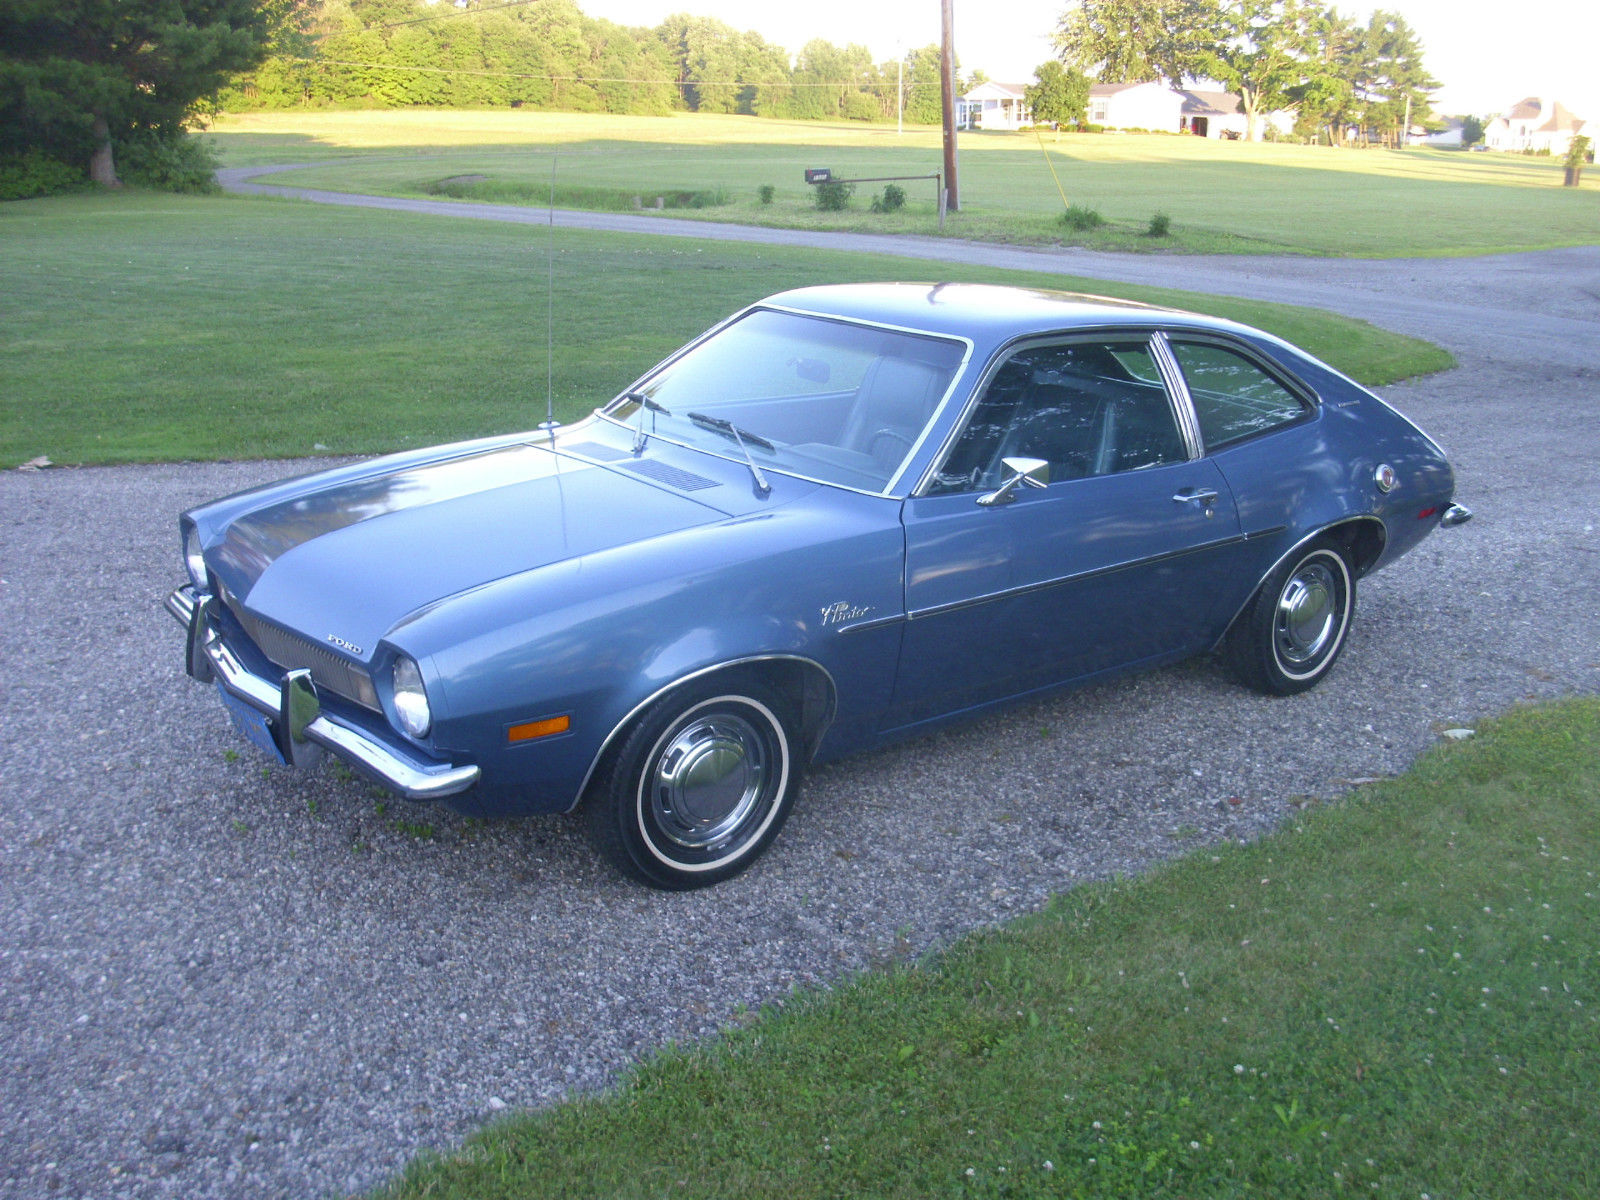 72 Ford Pinto ... Original California Car